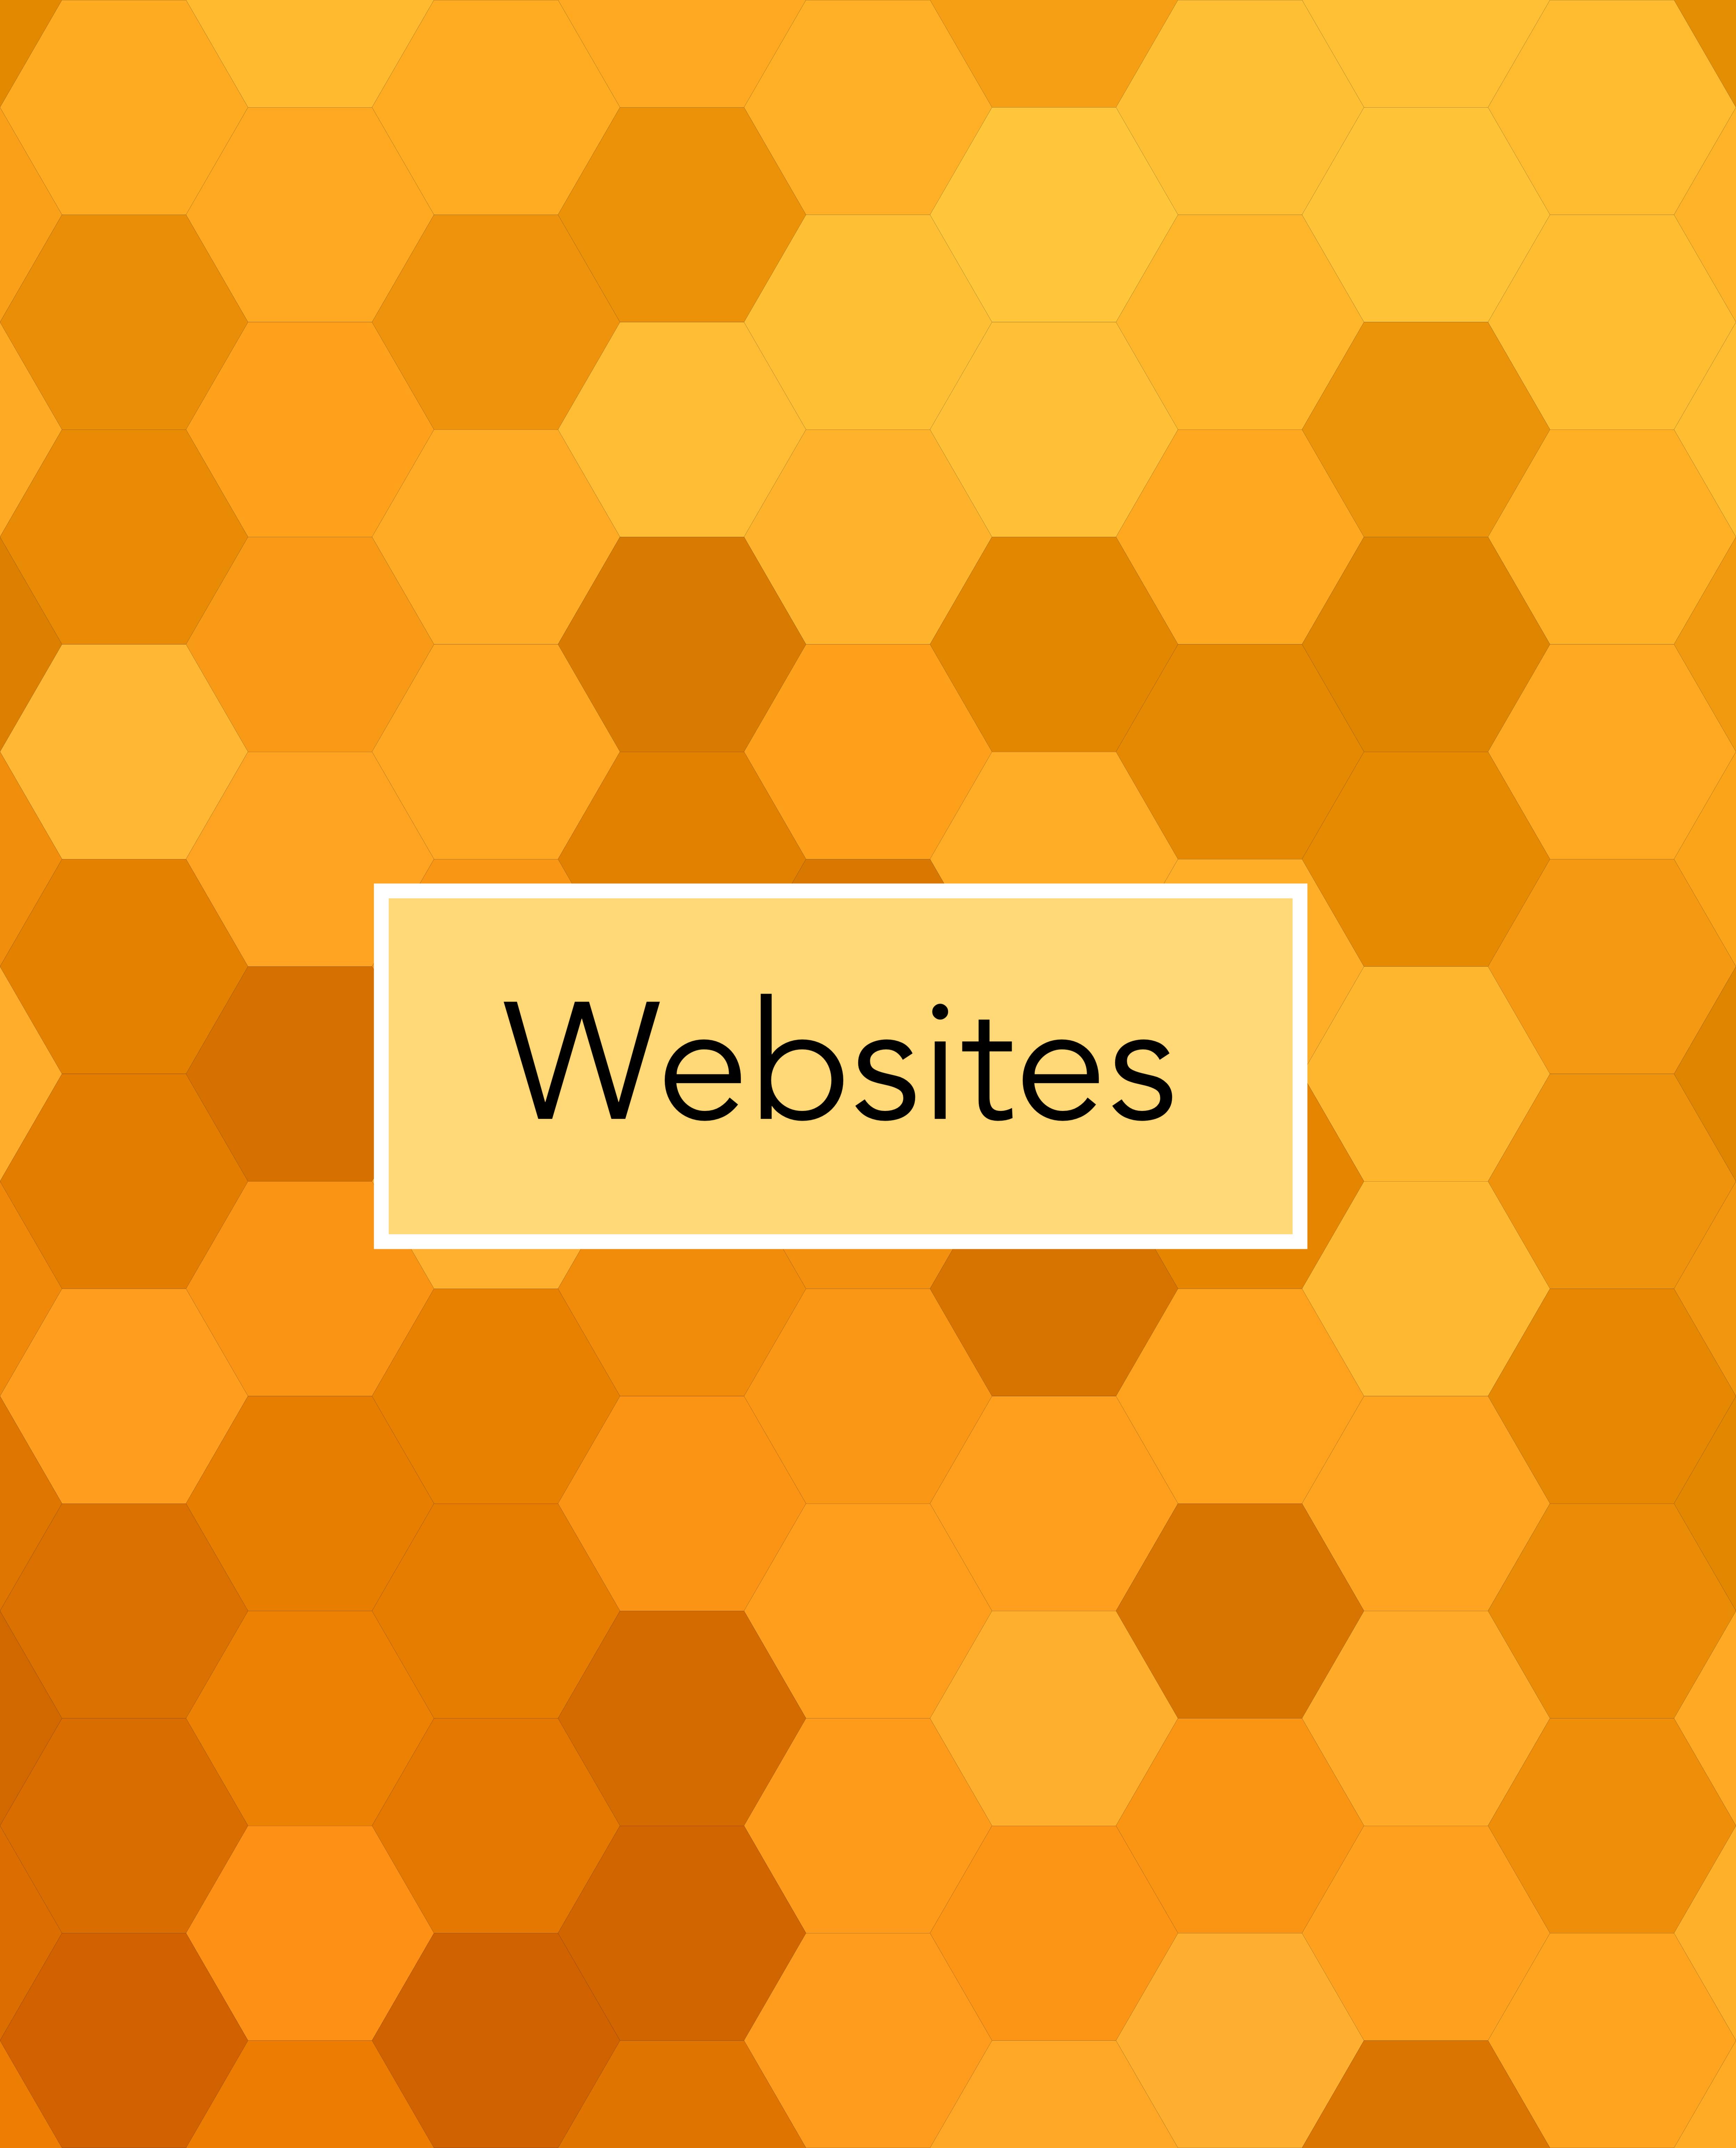 Website hexagon image